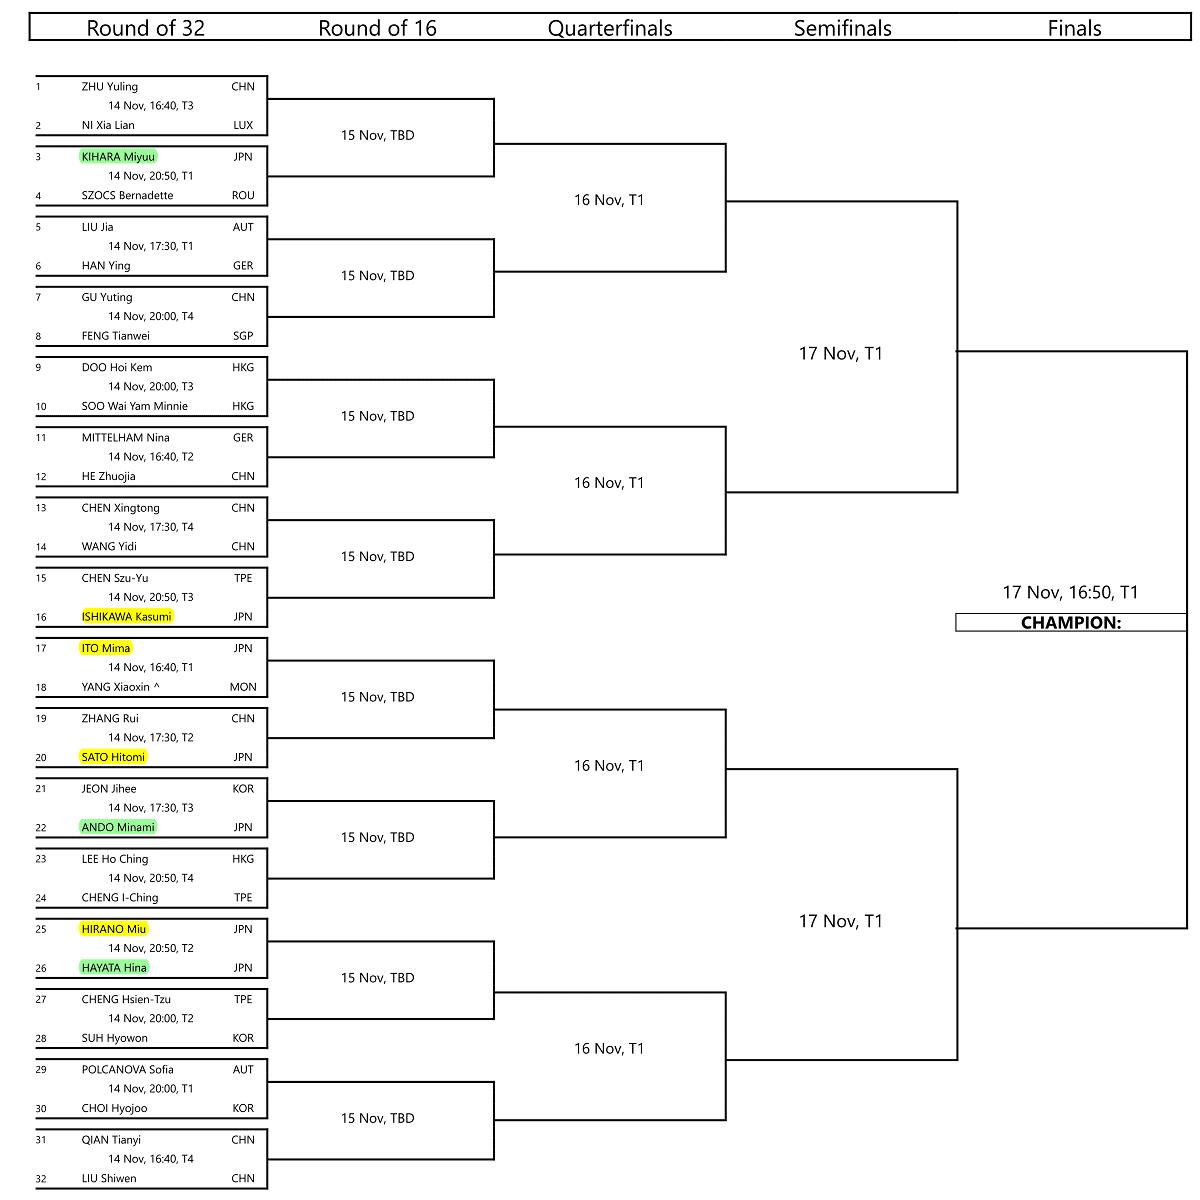 女子メインドロー|卓球ワールドツアープラチナ・オーストリアオープン